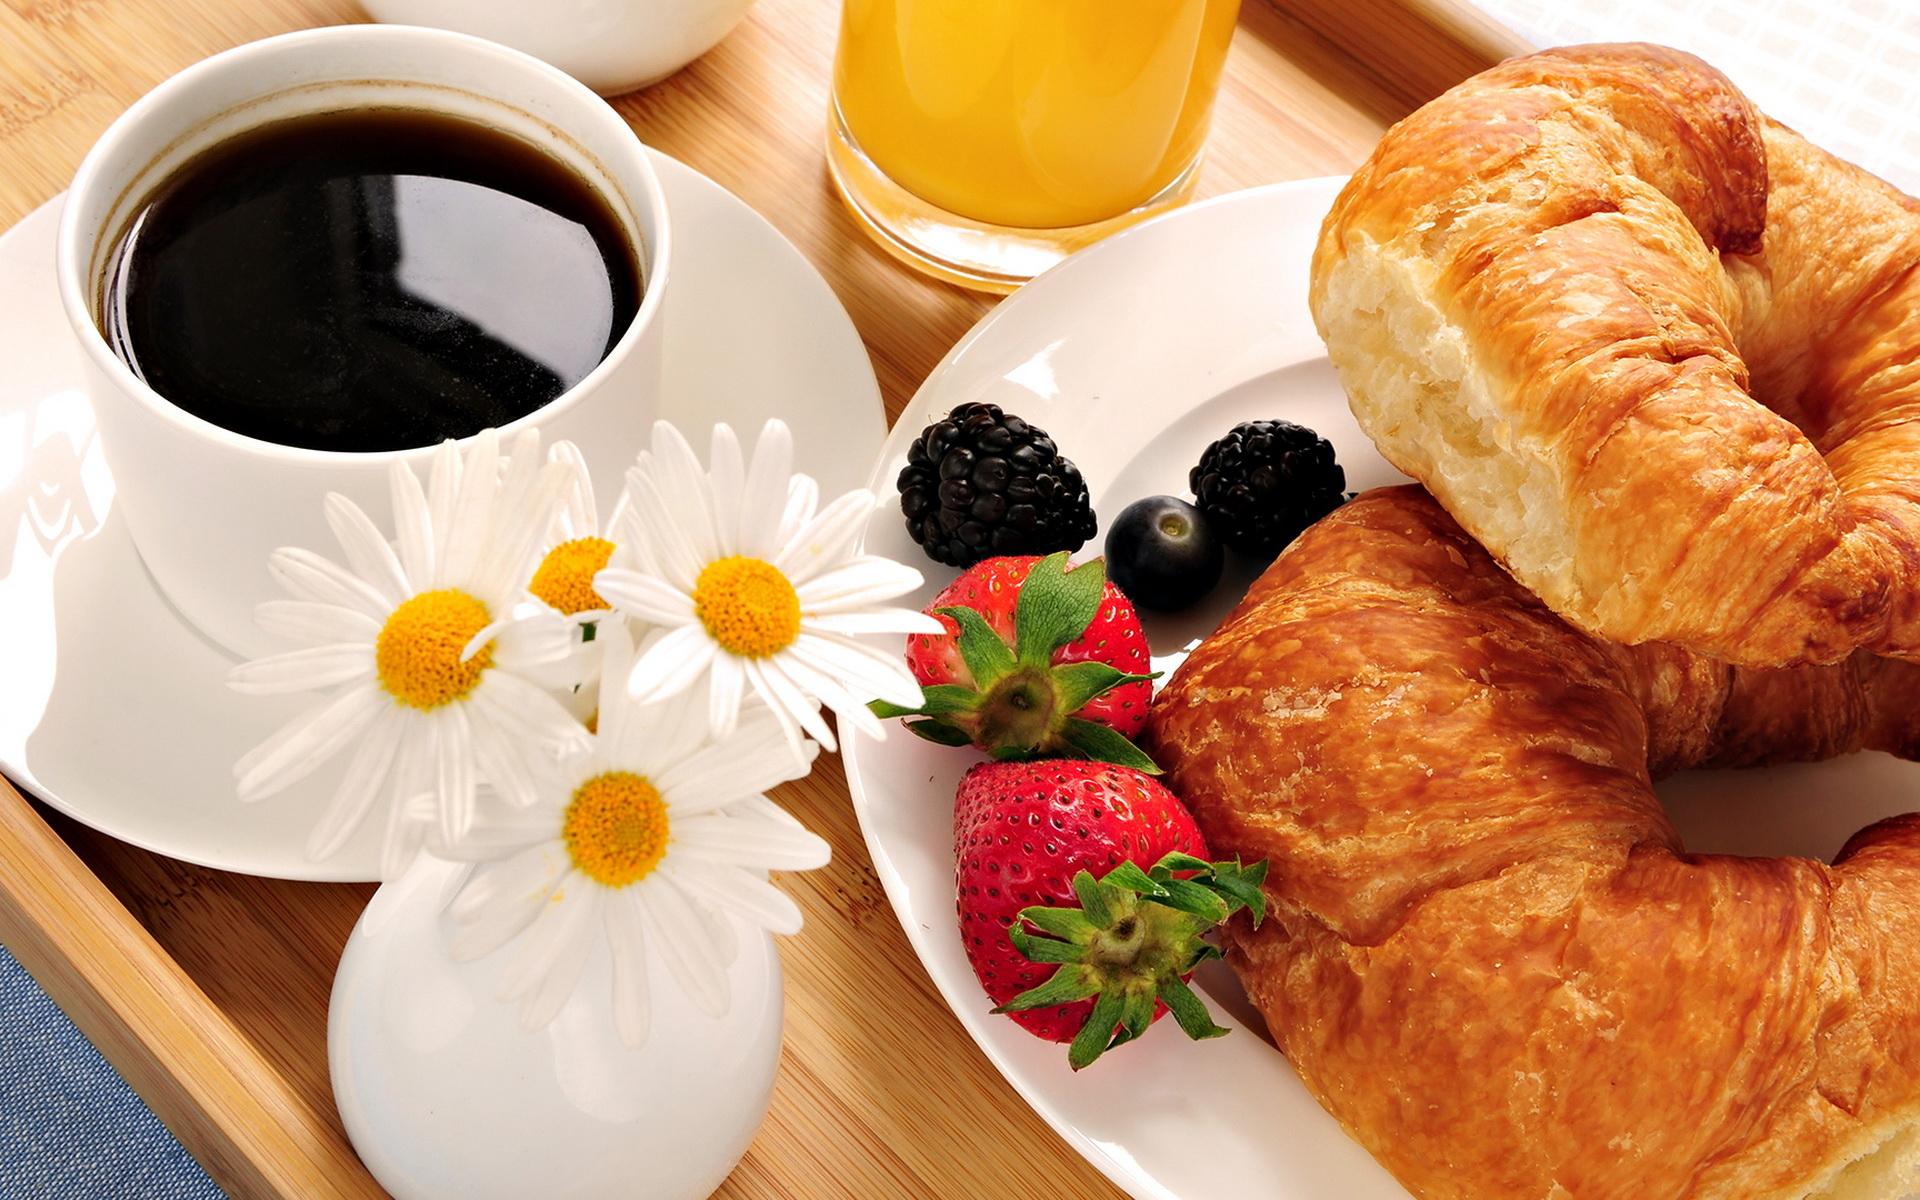 Там, за холмами, солнце запело. Сделаешь шаг, за тобою весна... Food_Differring_meal_Coffee_and_rolls_028683_